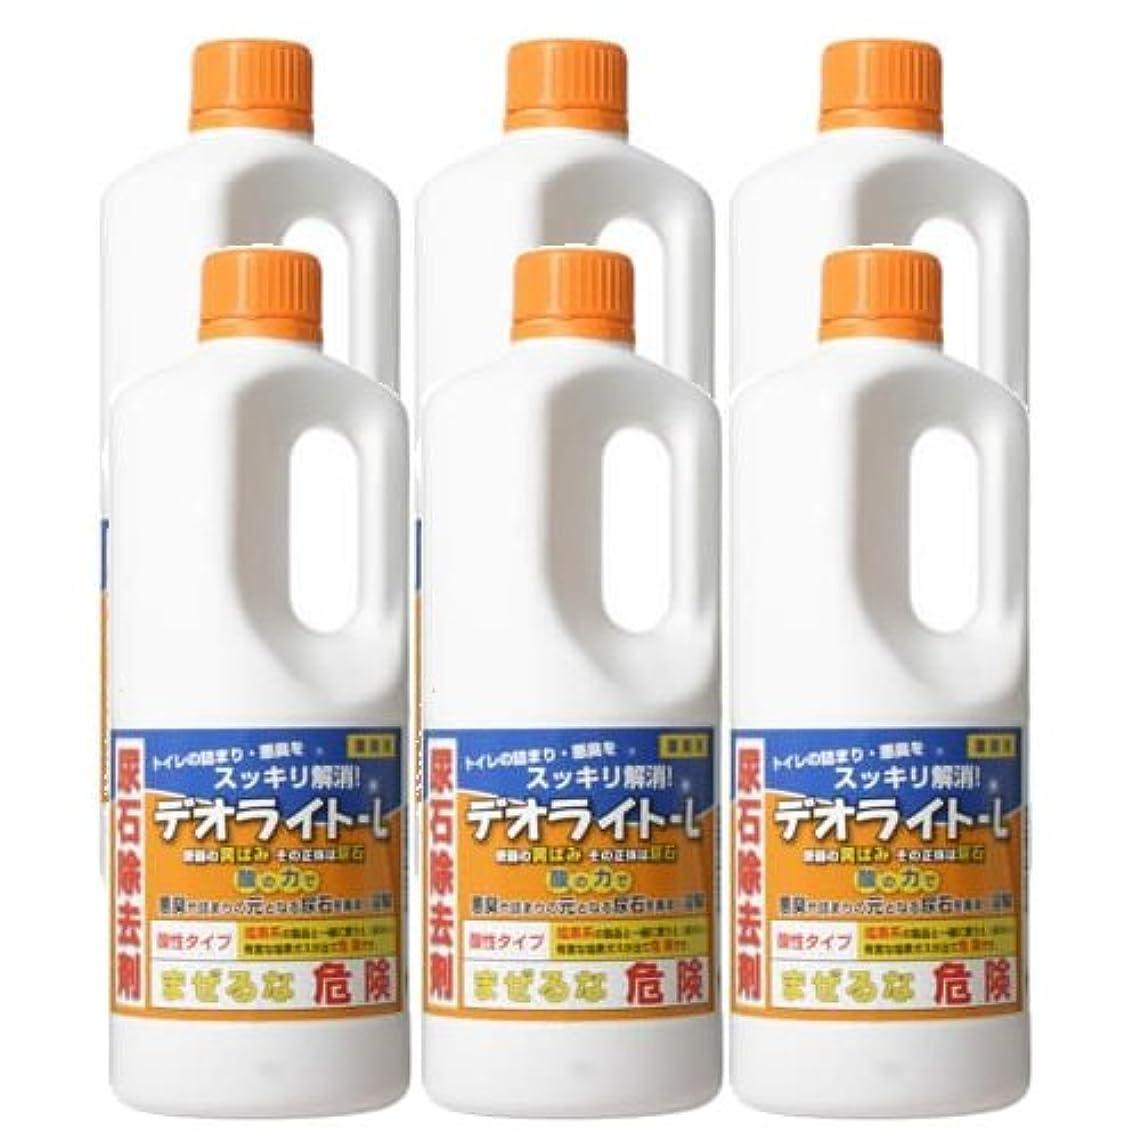 行商人石記念碑的な【セット】 尿石除去剤 業務用 デオライト-L 1kg 6本セット